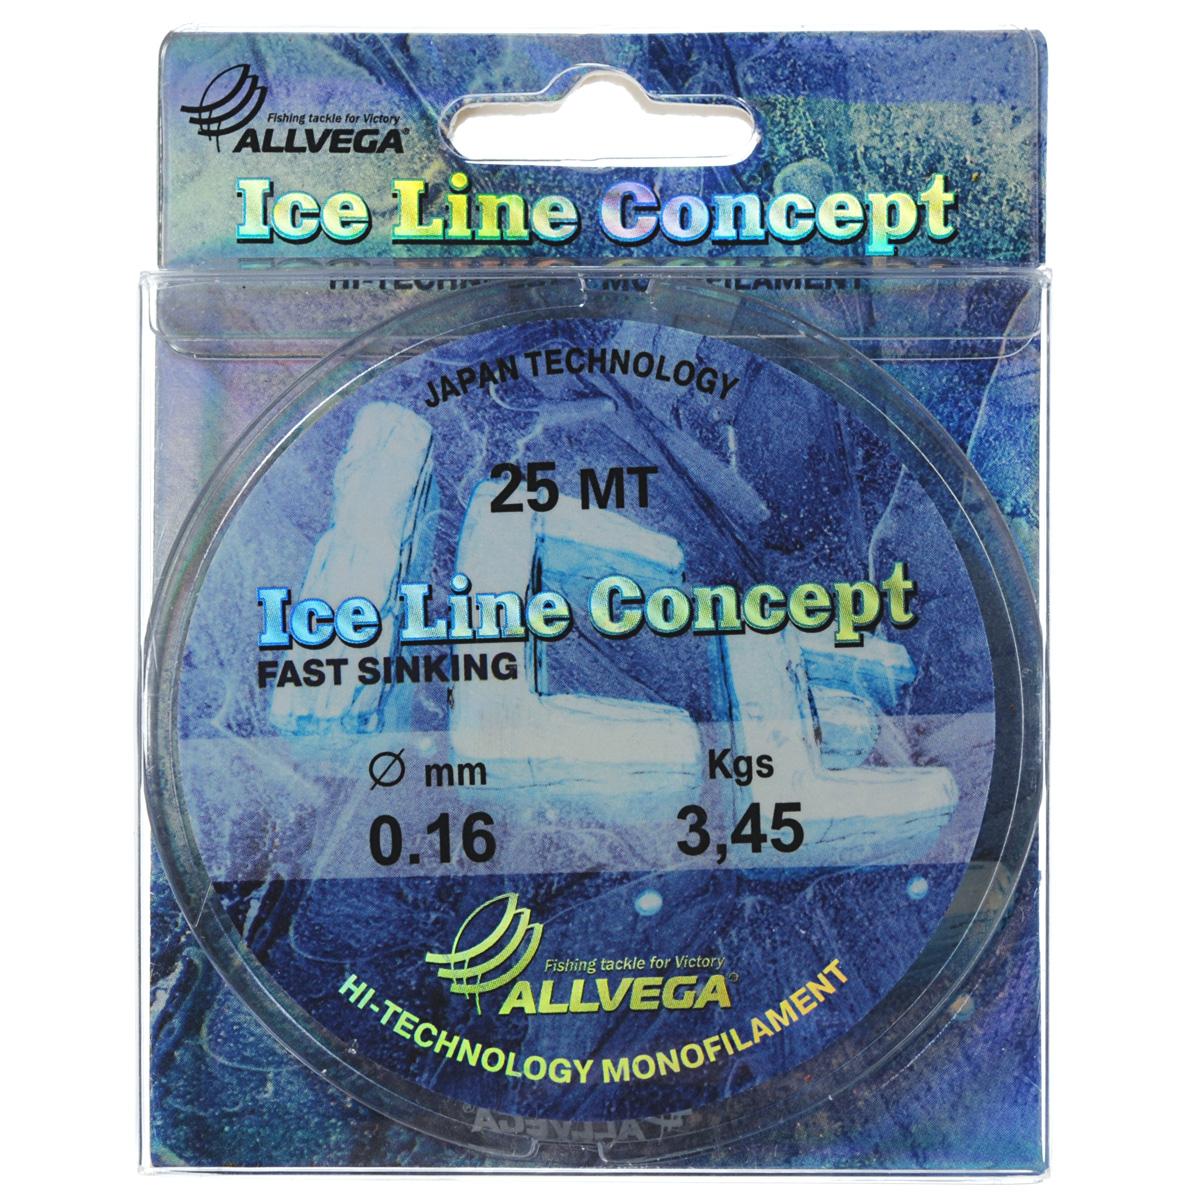 Леска Allvega Ice Line Concept, сечение 0,16 мм, длина 25 м010-01199-23Специальная зимняя леска Allvega Ice Line Concept для низких температур. Прозрачная и высокопрочная. Отсутствие механической памяти, позволяет с успехом использовать ее для ловли на мормышку.